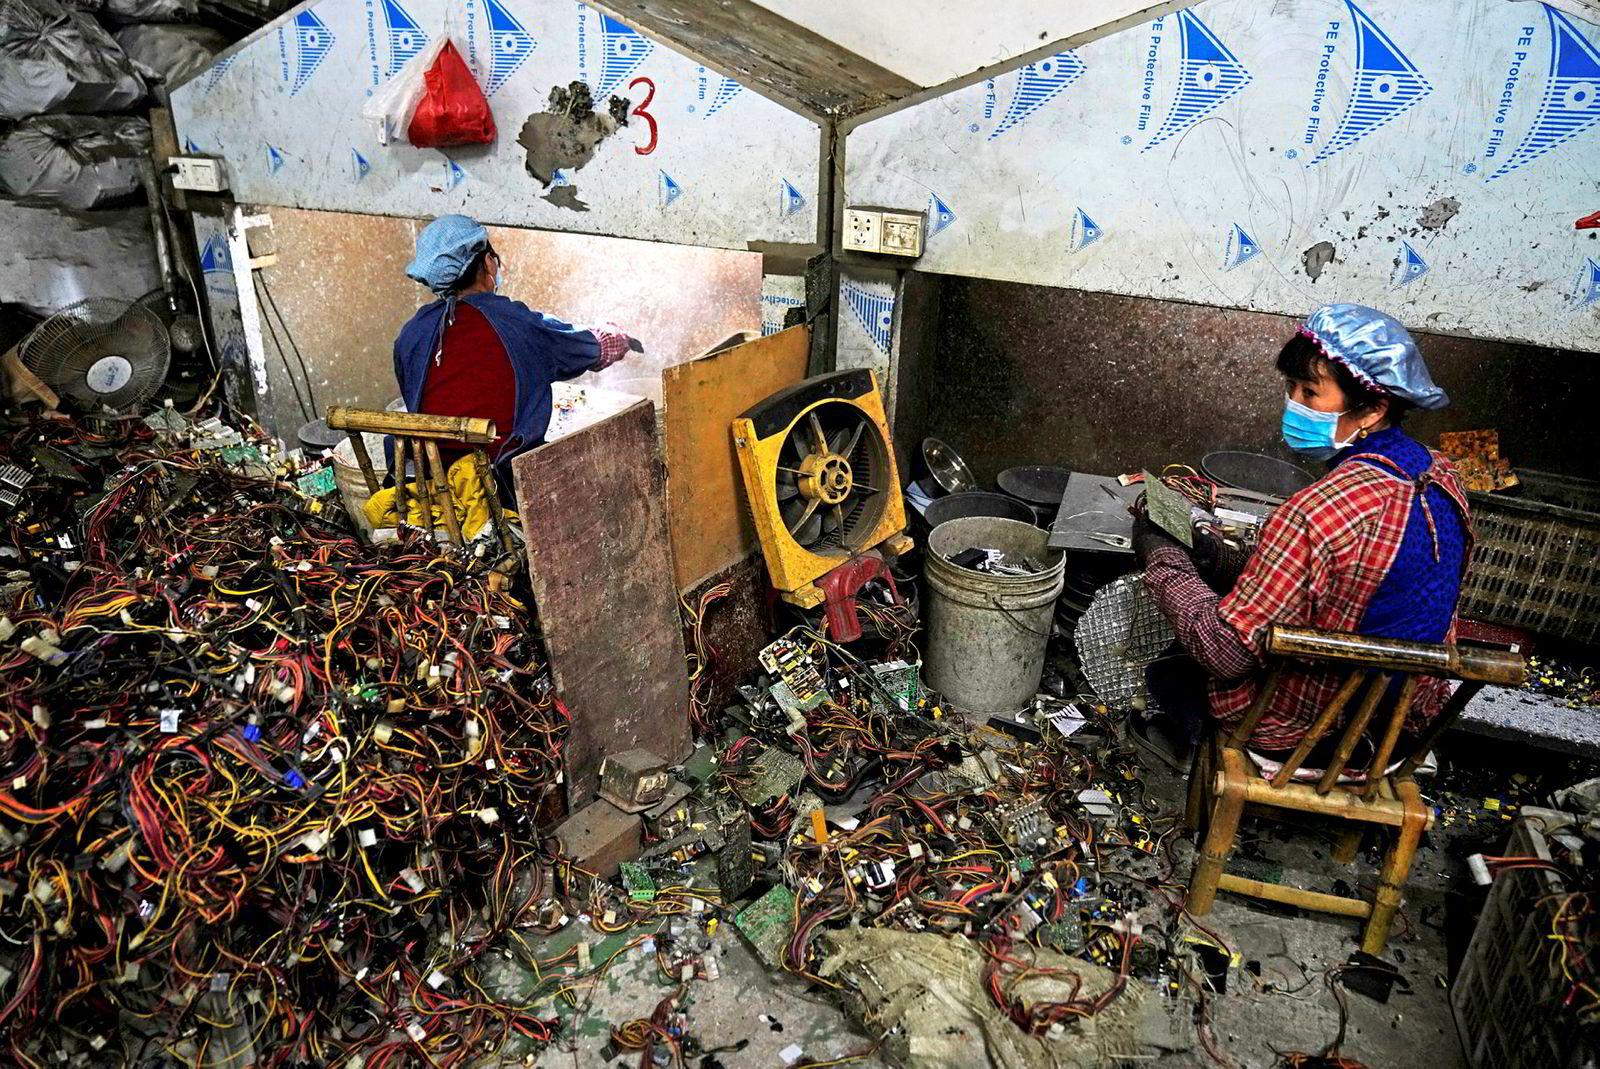 Elektronisk avfall sorteres i Guiyu i Kina tidligere i år.